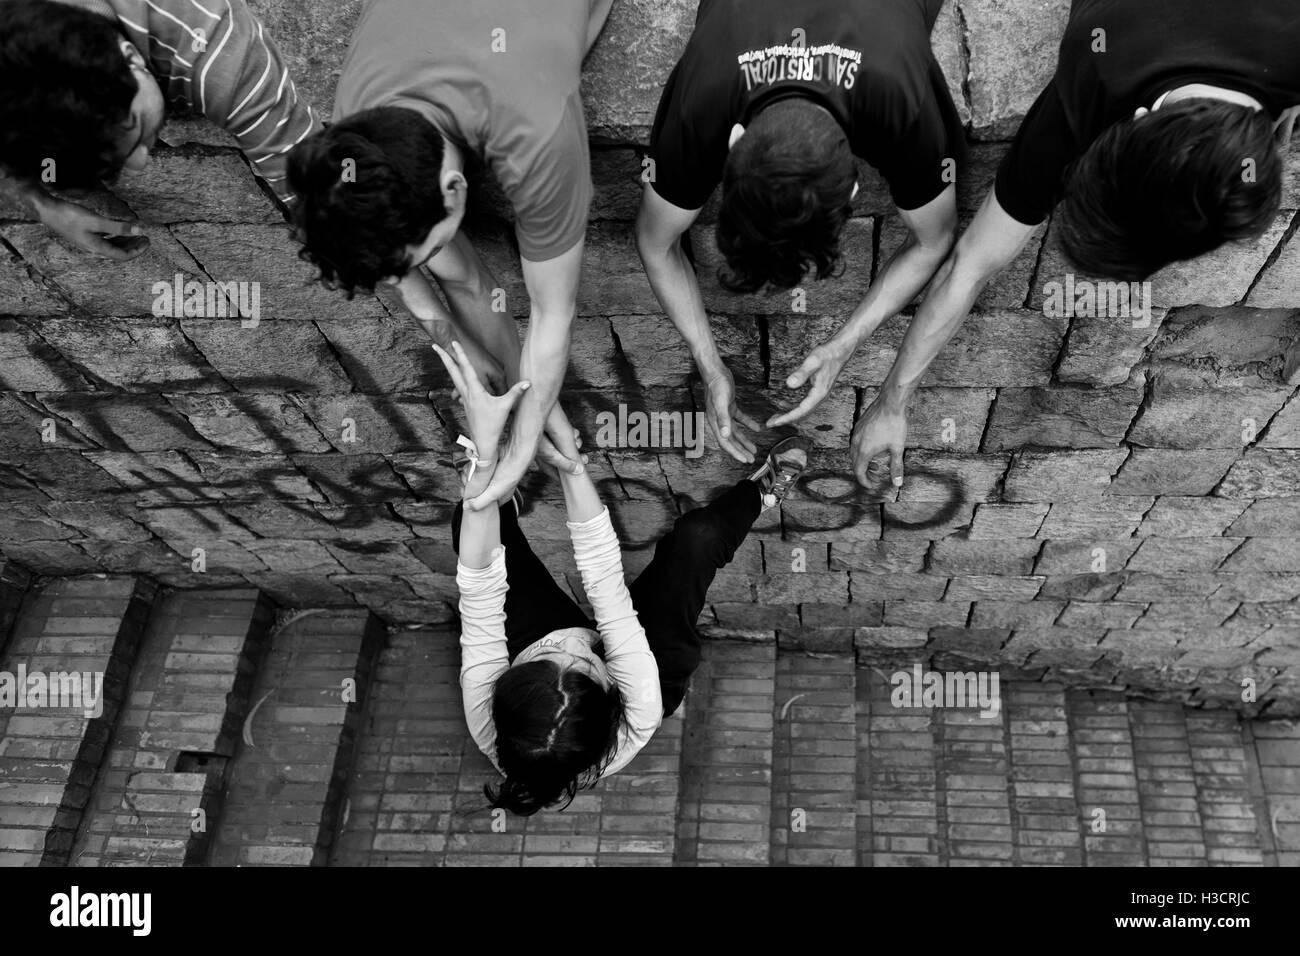 Une femme colombienne freerunner, suspendu à ses copains' hands, grimpe sur le mur au cours d'une formation Photo Stock